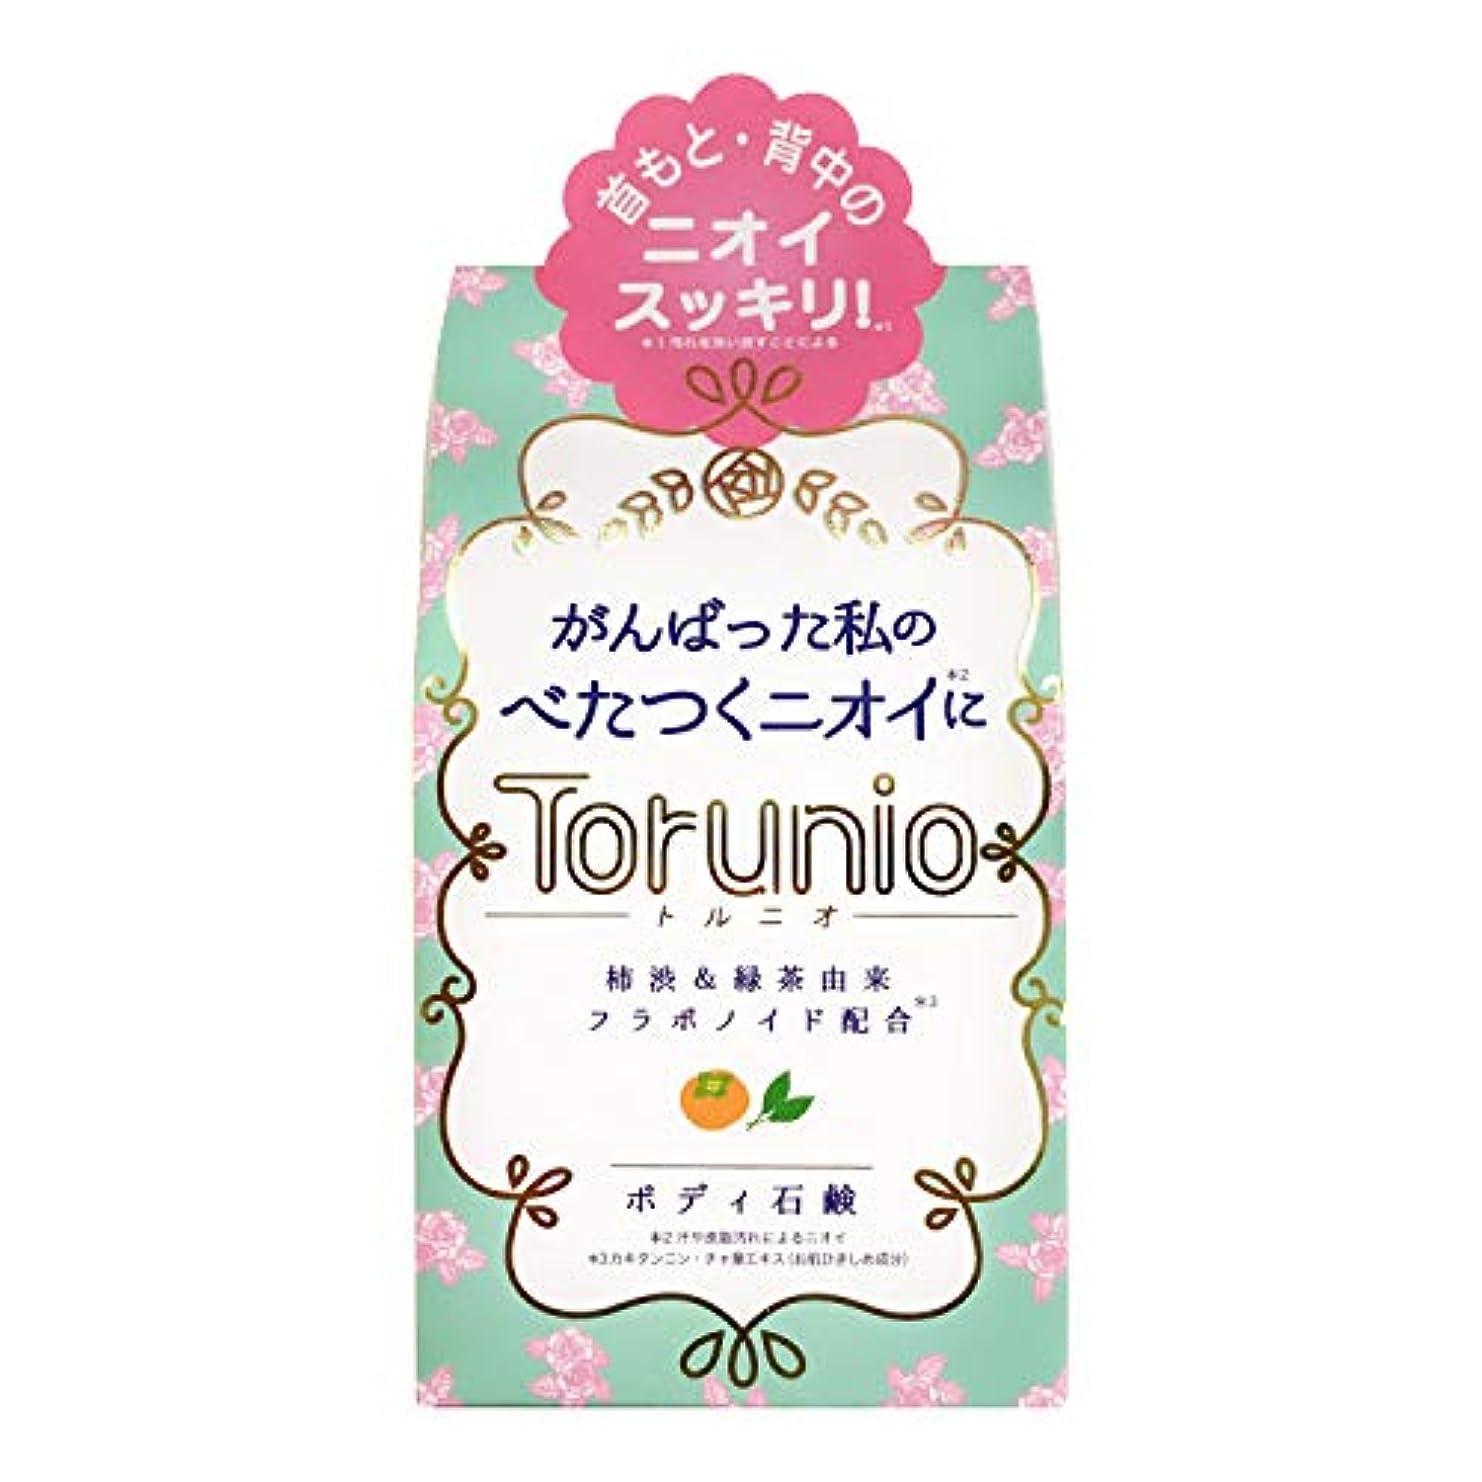 繰り返したかけるくつろぎTorunio(トルニオ)石鹸 100g